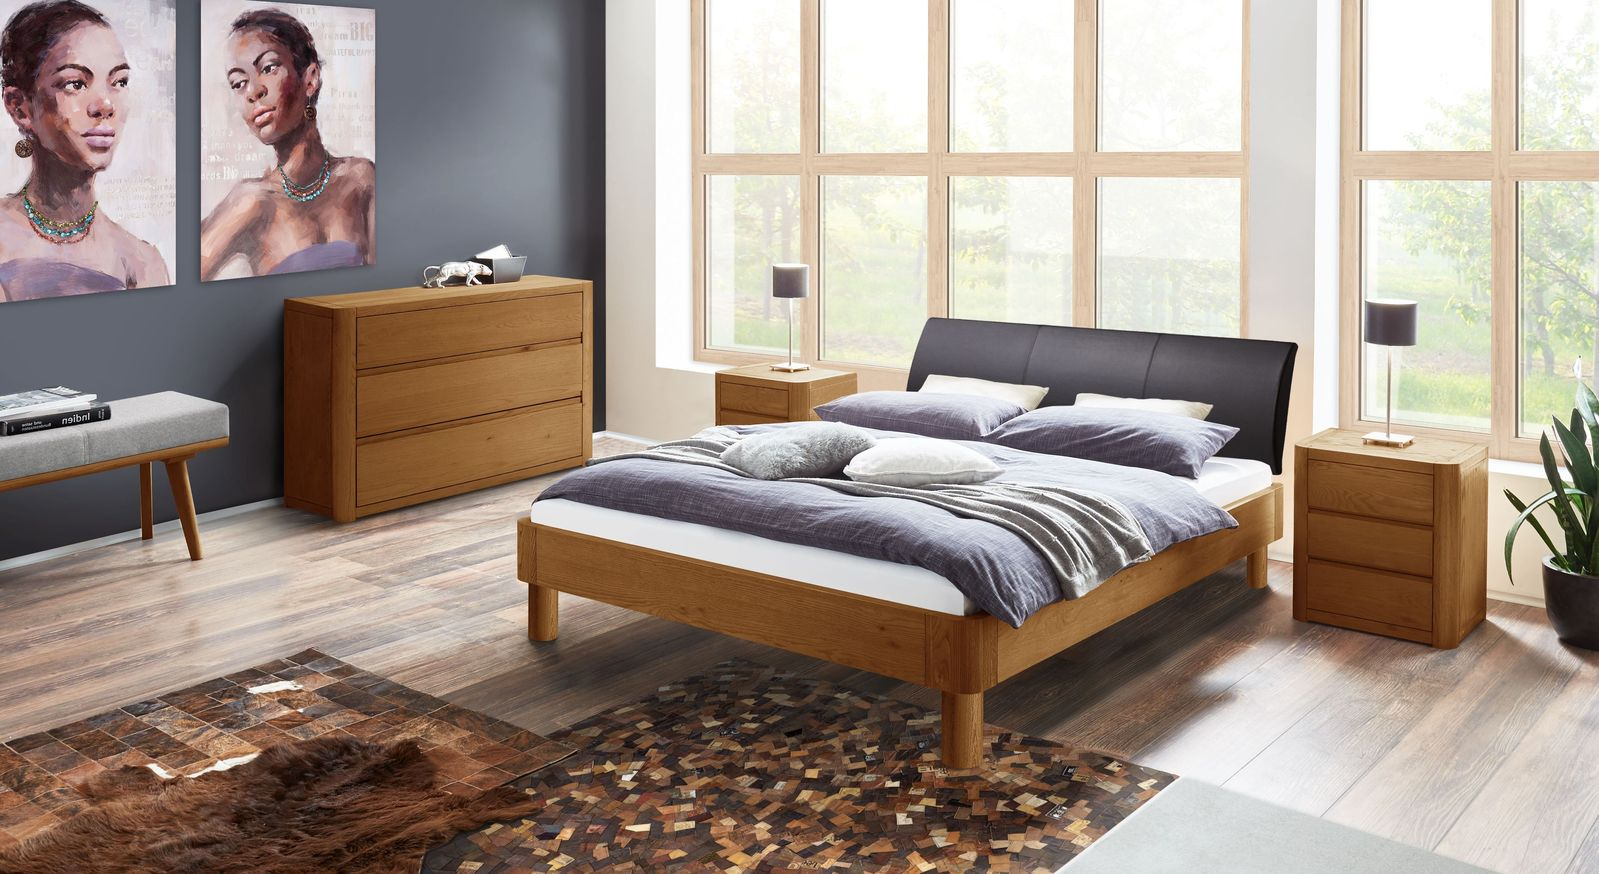 Bett Barbados mit passender Schlafzimmer-Ausstattung